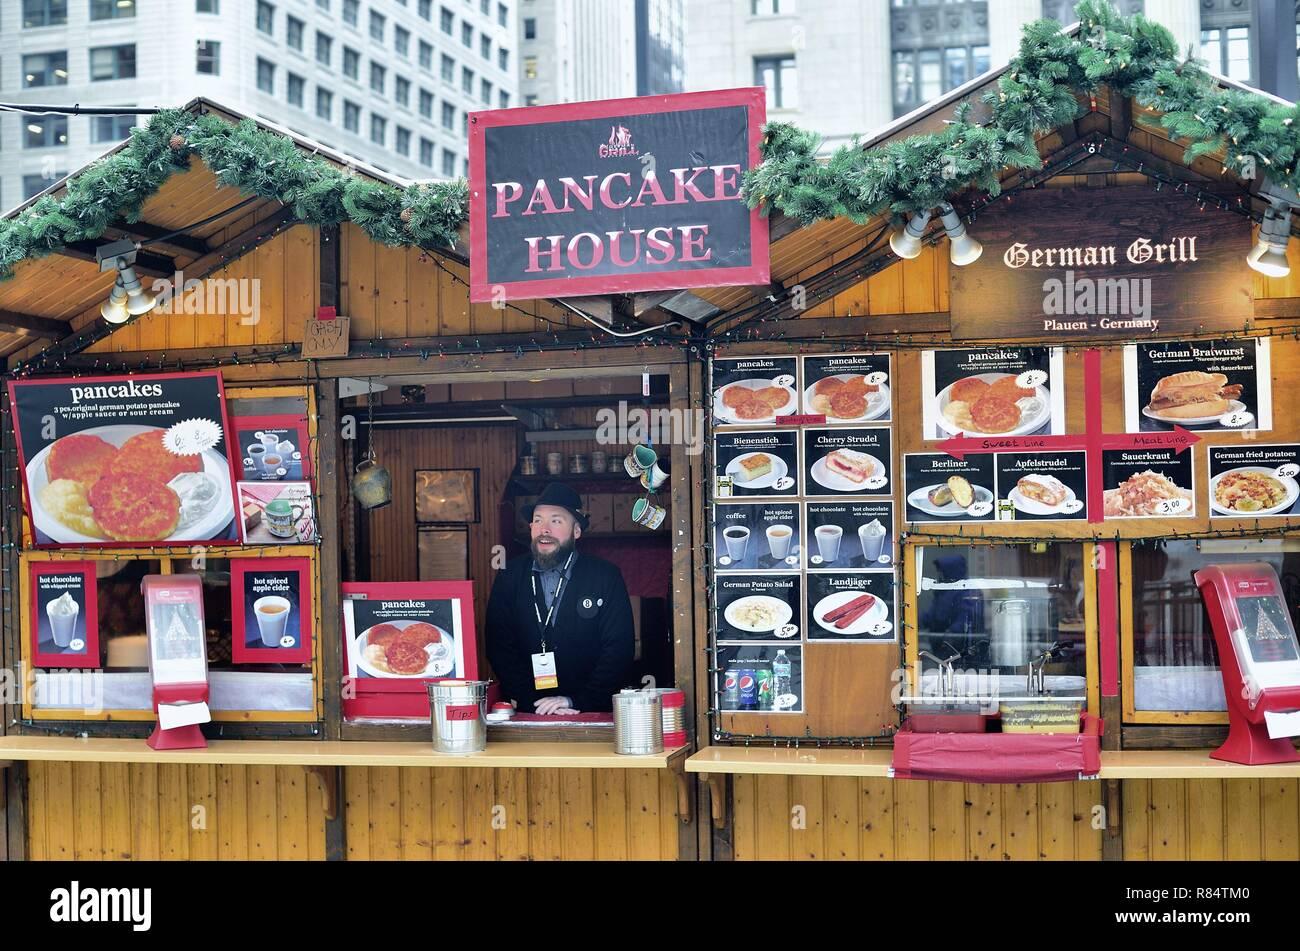 Chicago, Illinois, Stati Uniti d'America. Una cucina tedesca kiosk presso il Christkindlmarket nel centro cittadino di Chicago. Immagini Stock